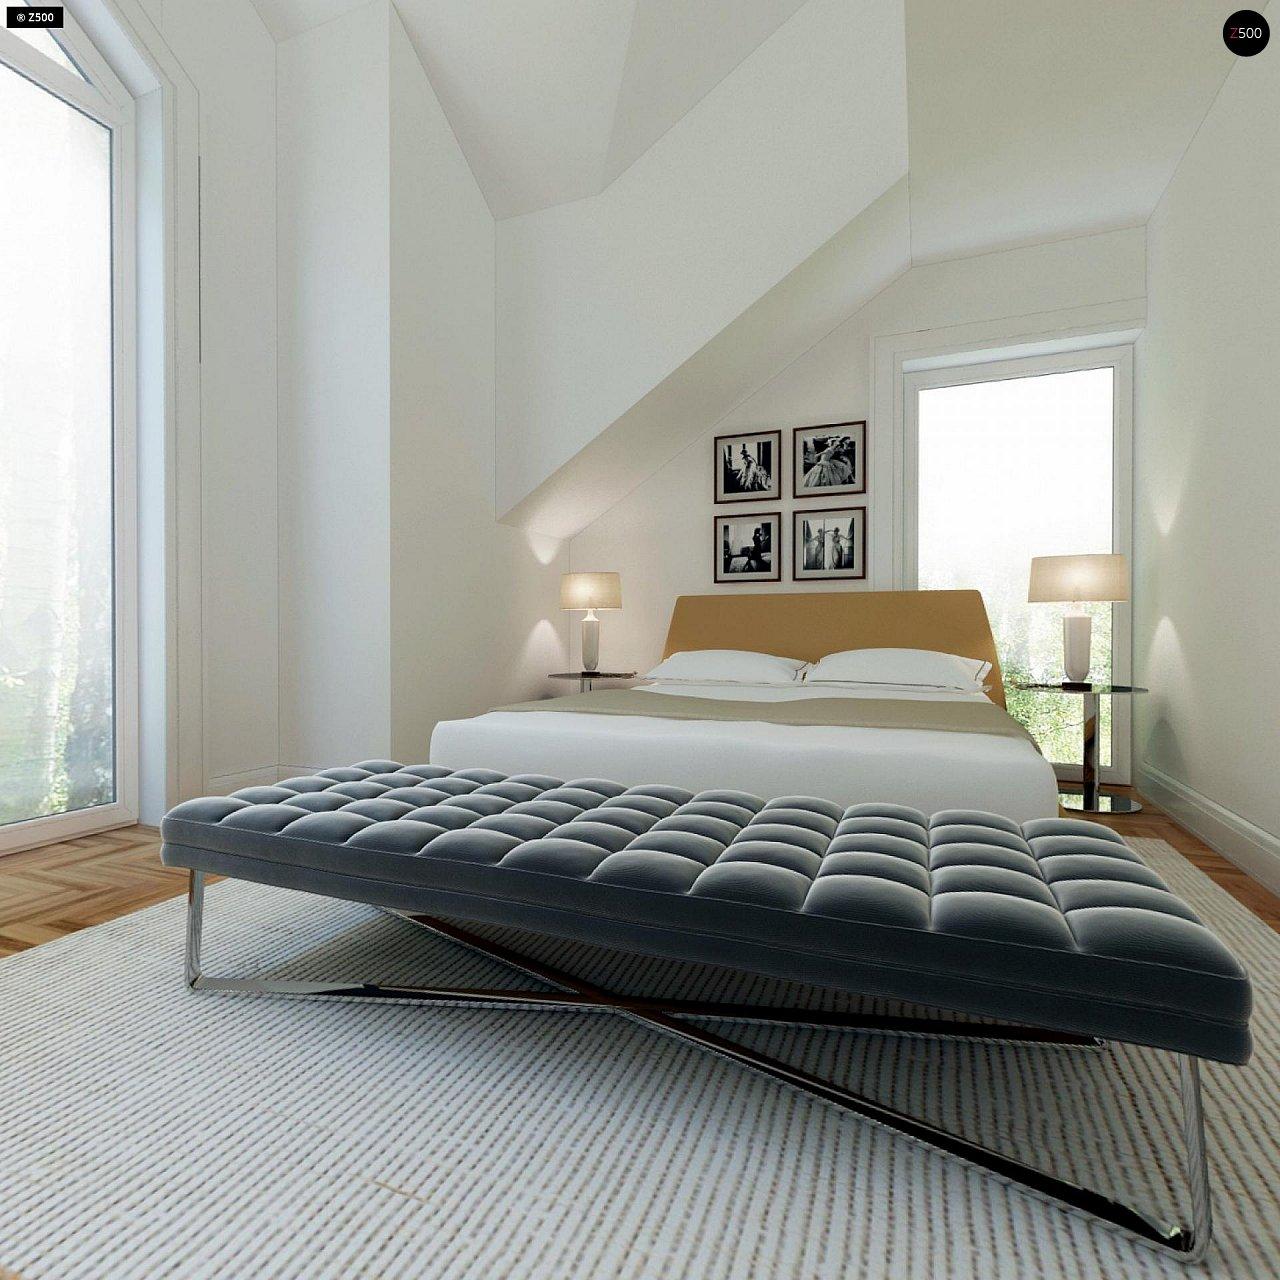 Удобный и красивый дом с красивым окном во фронтоне. 15